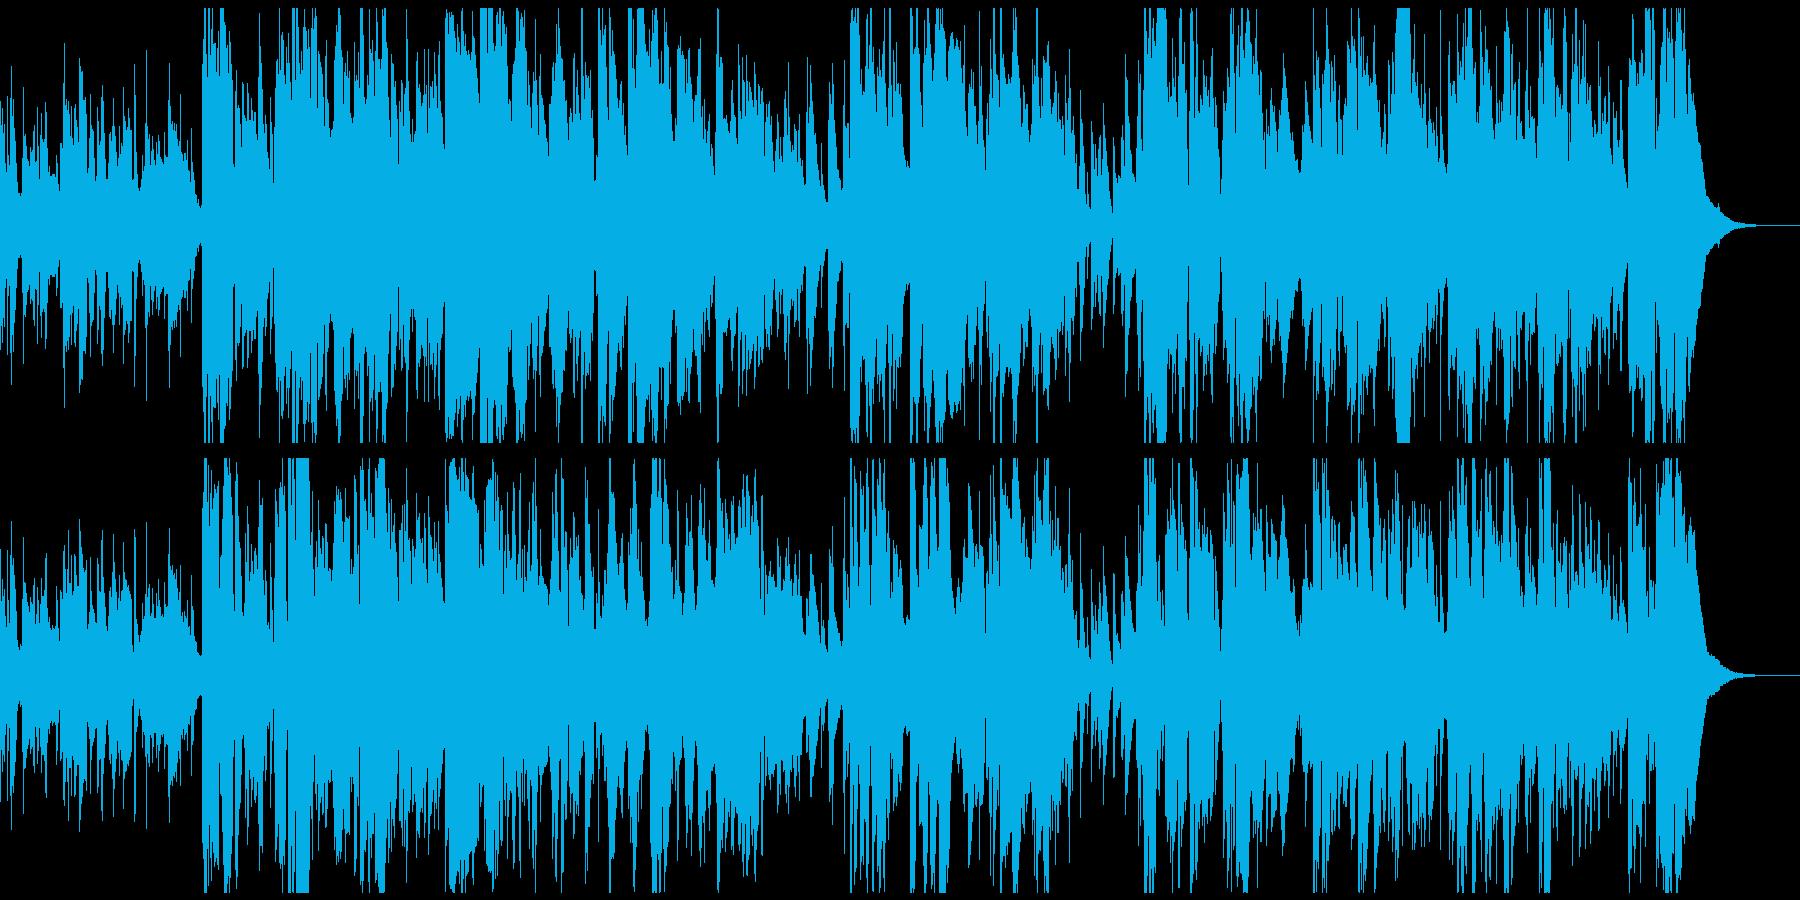 生演奏・渋い大人の雰囲気のジャズバラードの再生済みの波形